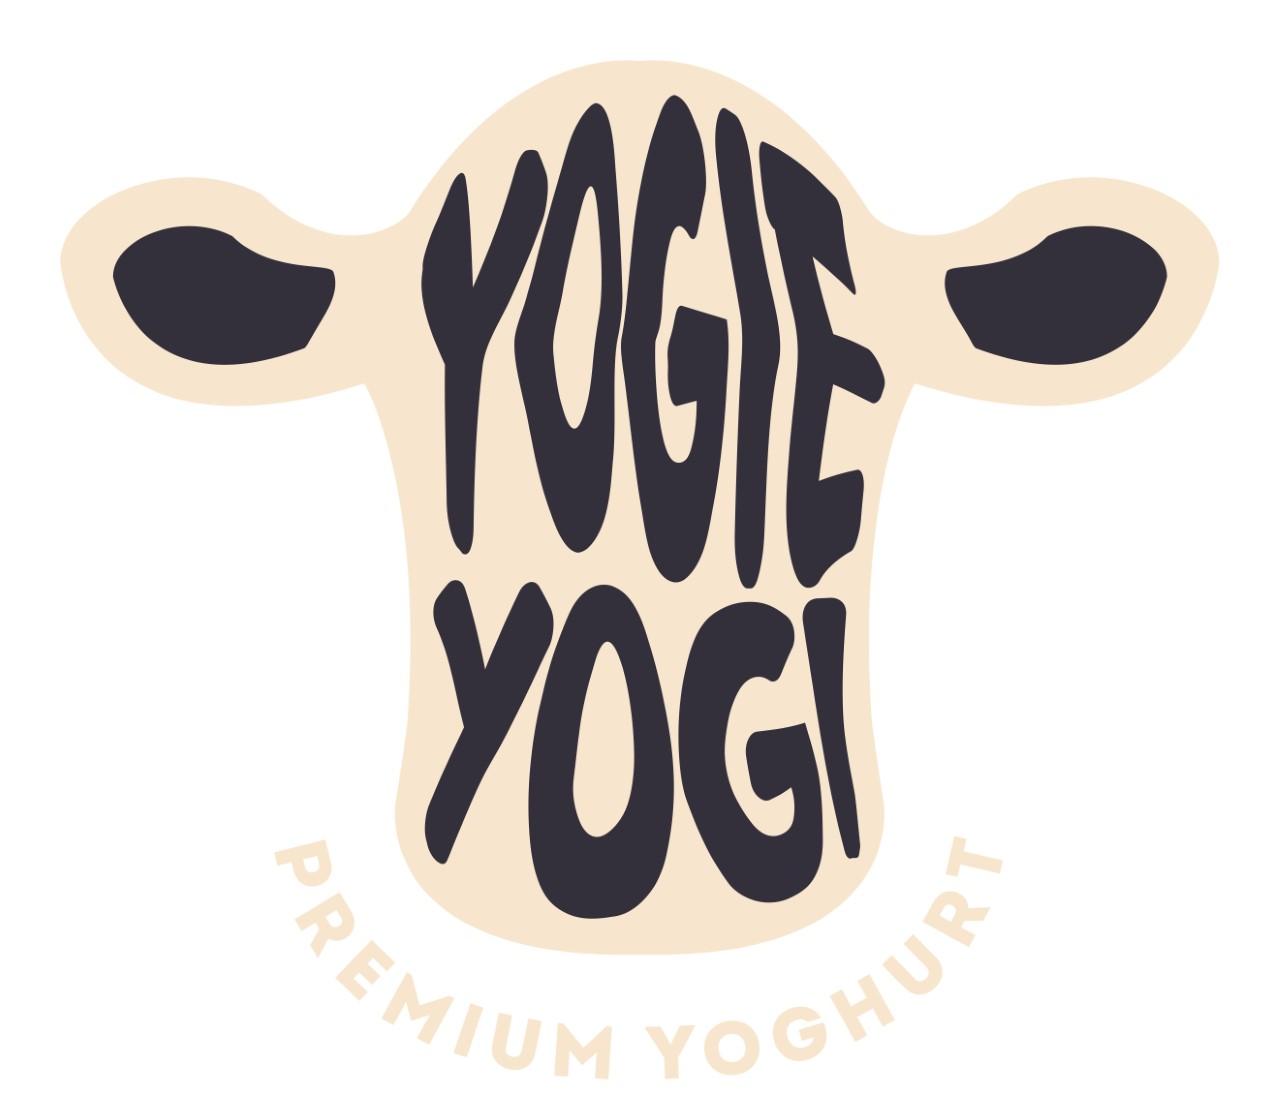 YOGIE YOGI